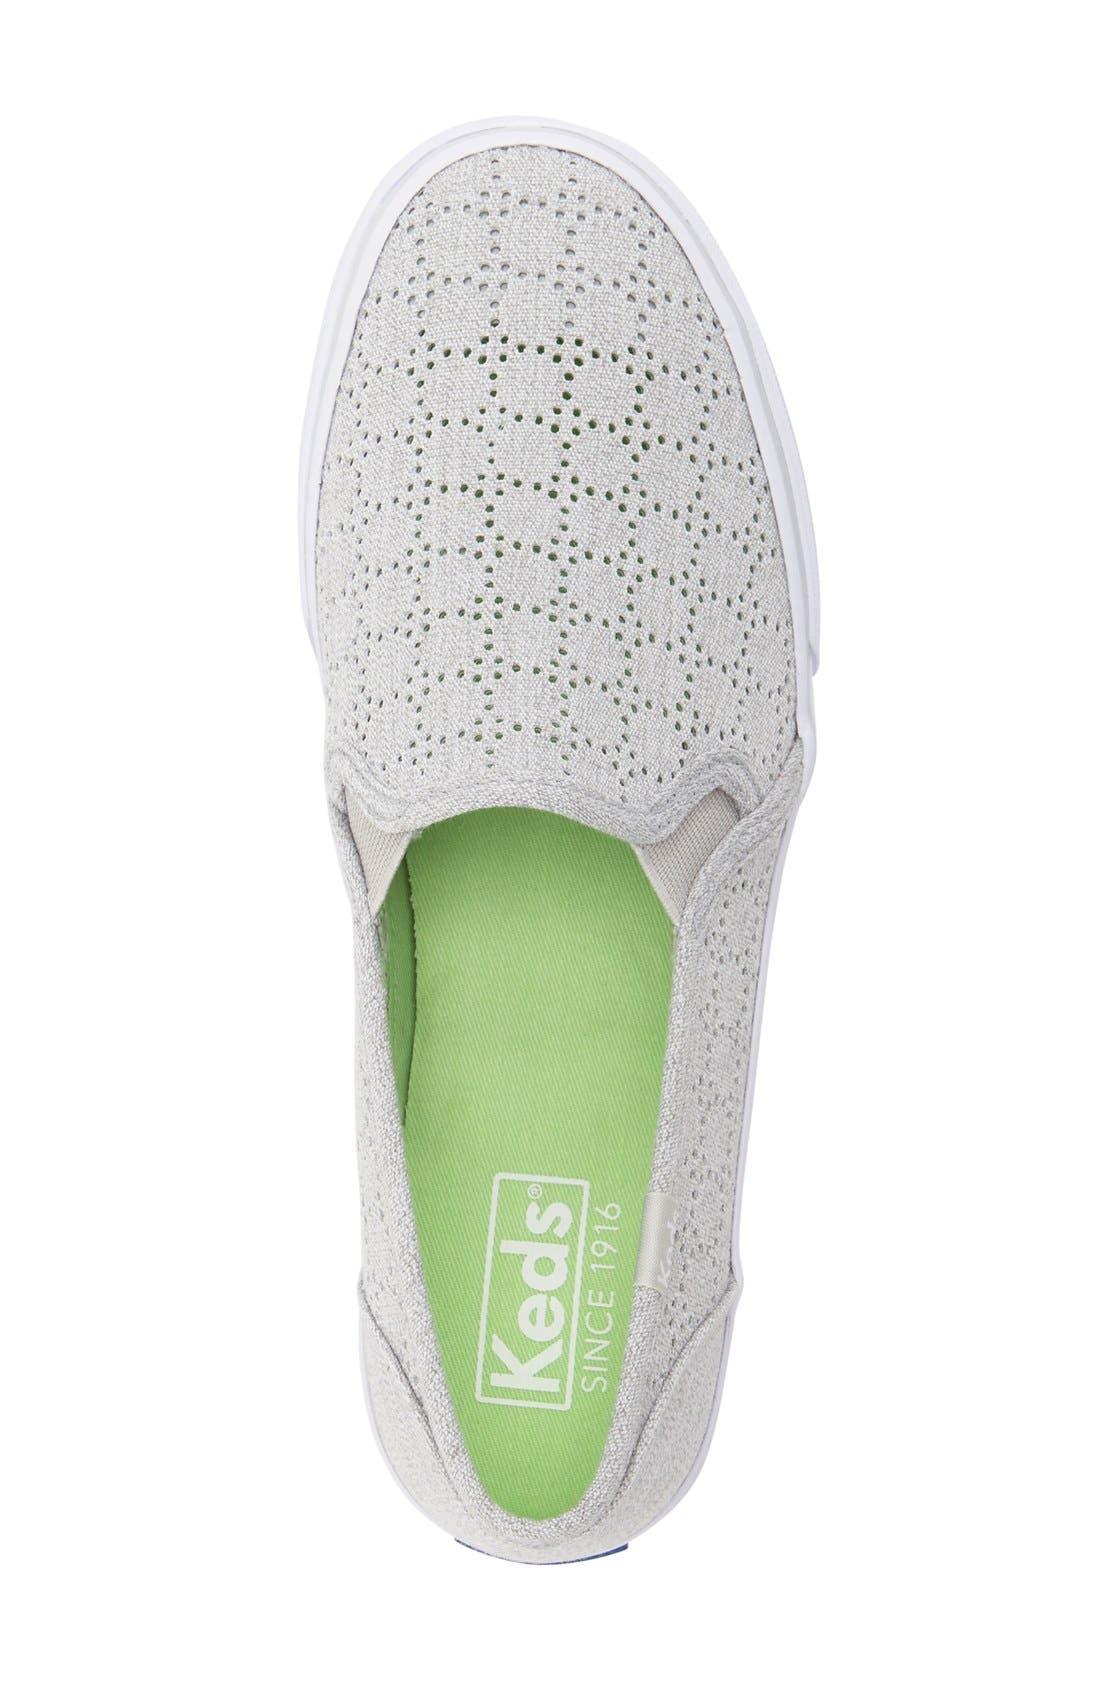 Alternate Image 3  - Keds® 'Double Decker' Perforated Slip-On Sneaker (Women)